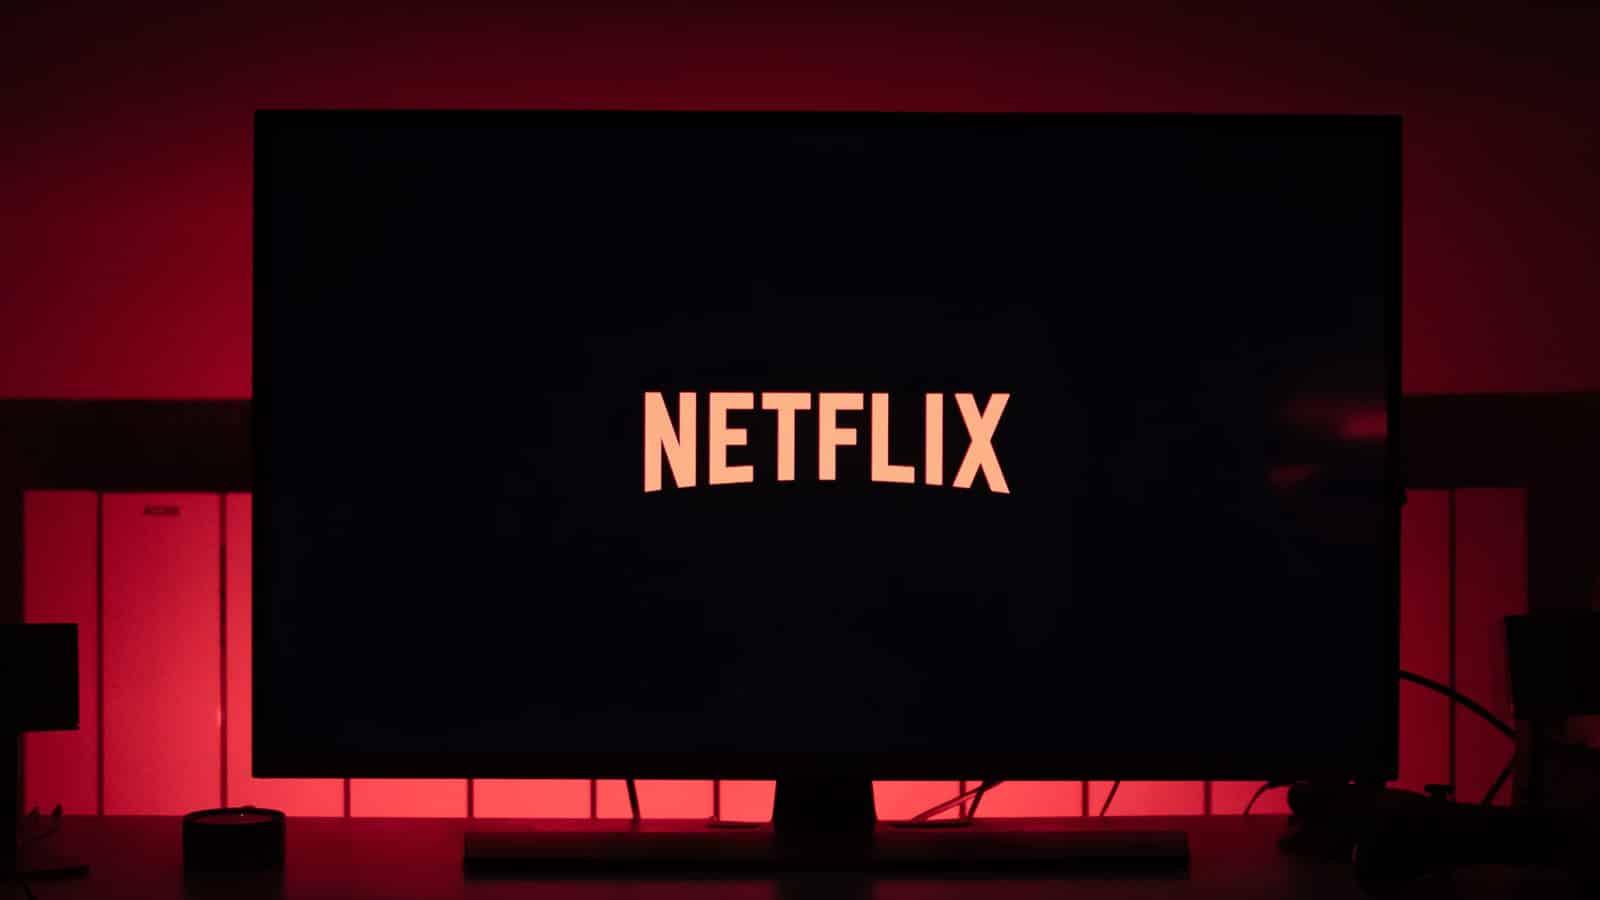 netflix logo on red background